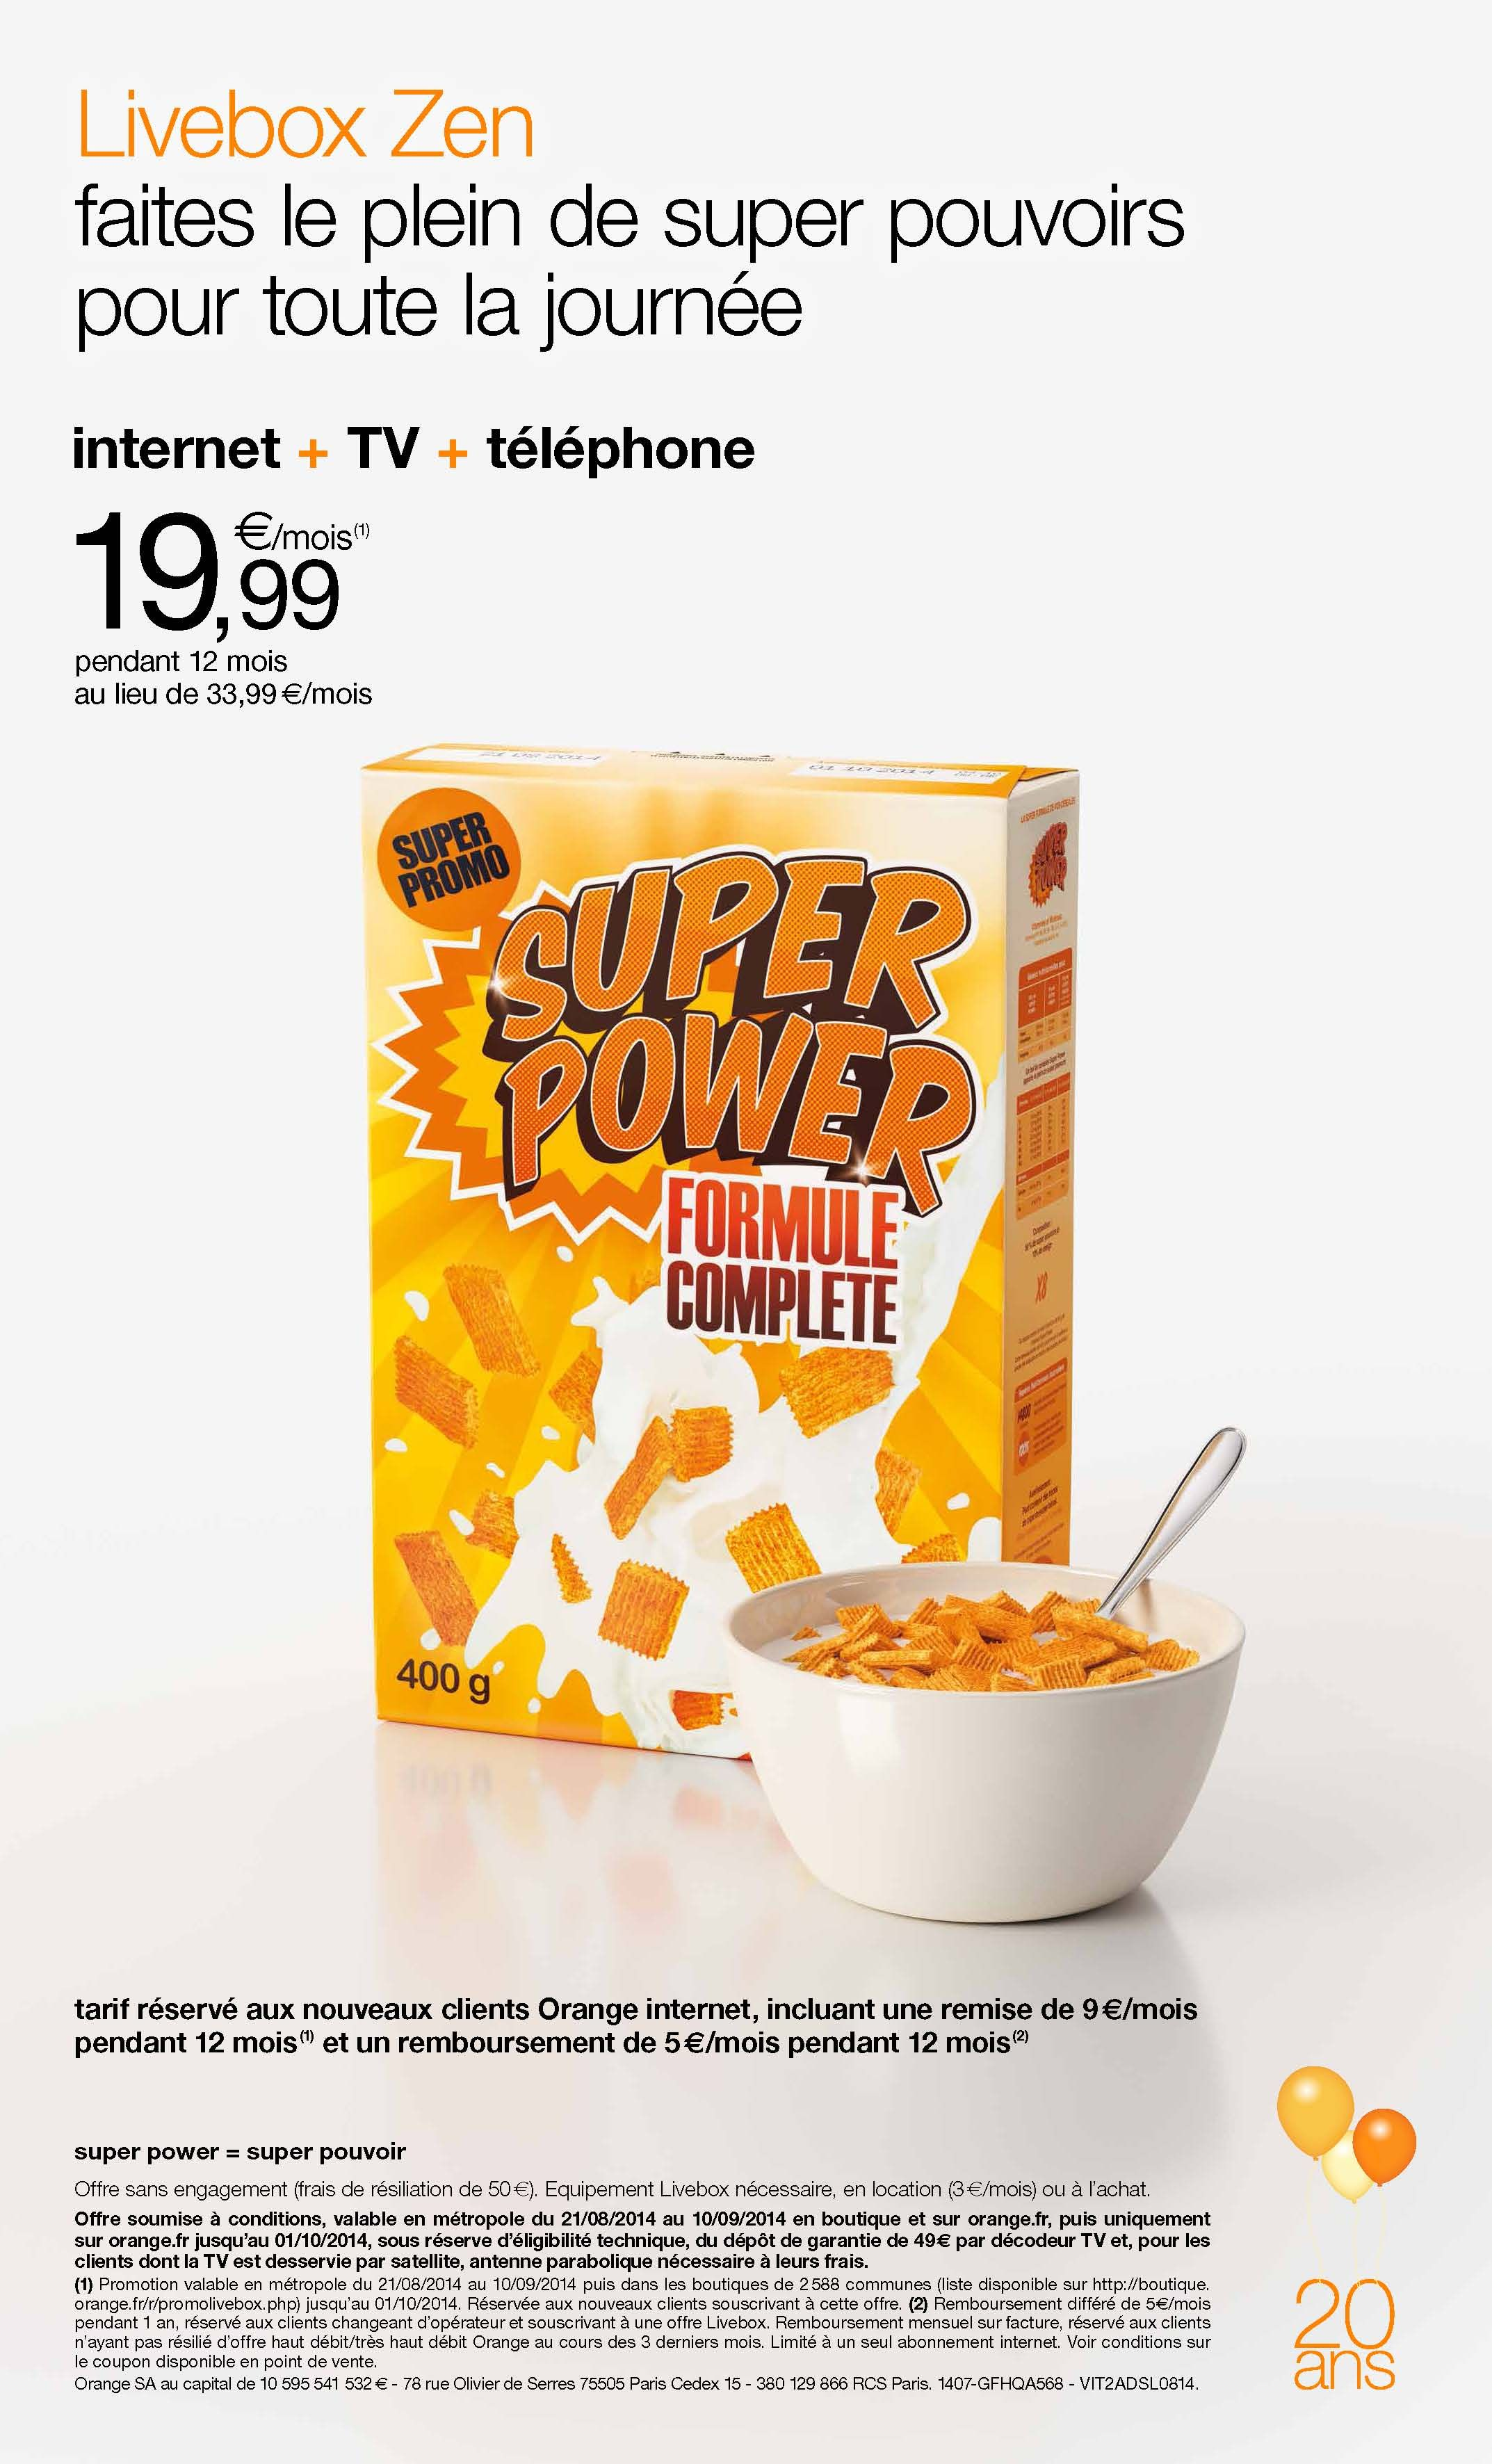 Decouvrez Vos Super Pouvoirs De Rentree Super Pouvoirs Orange